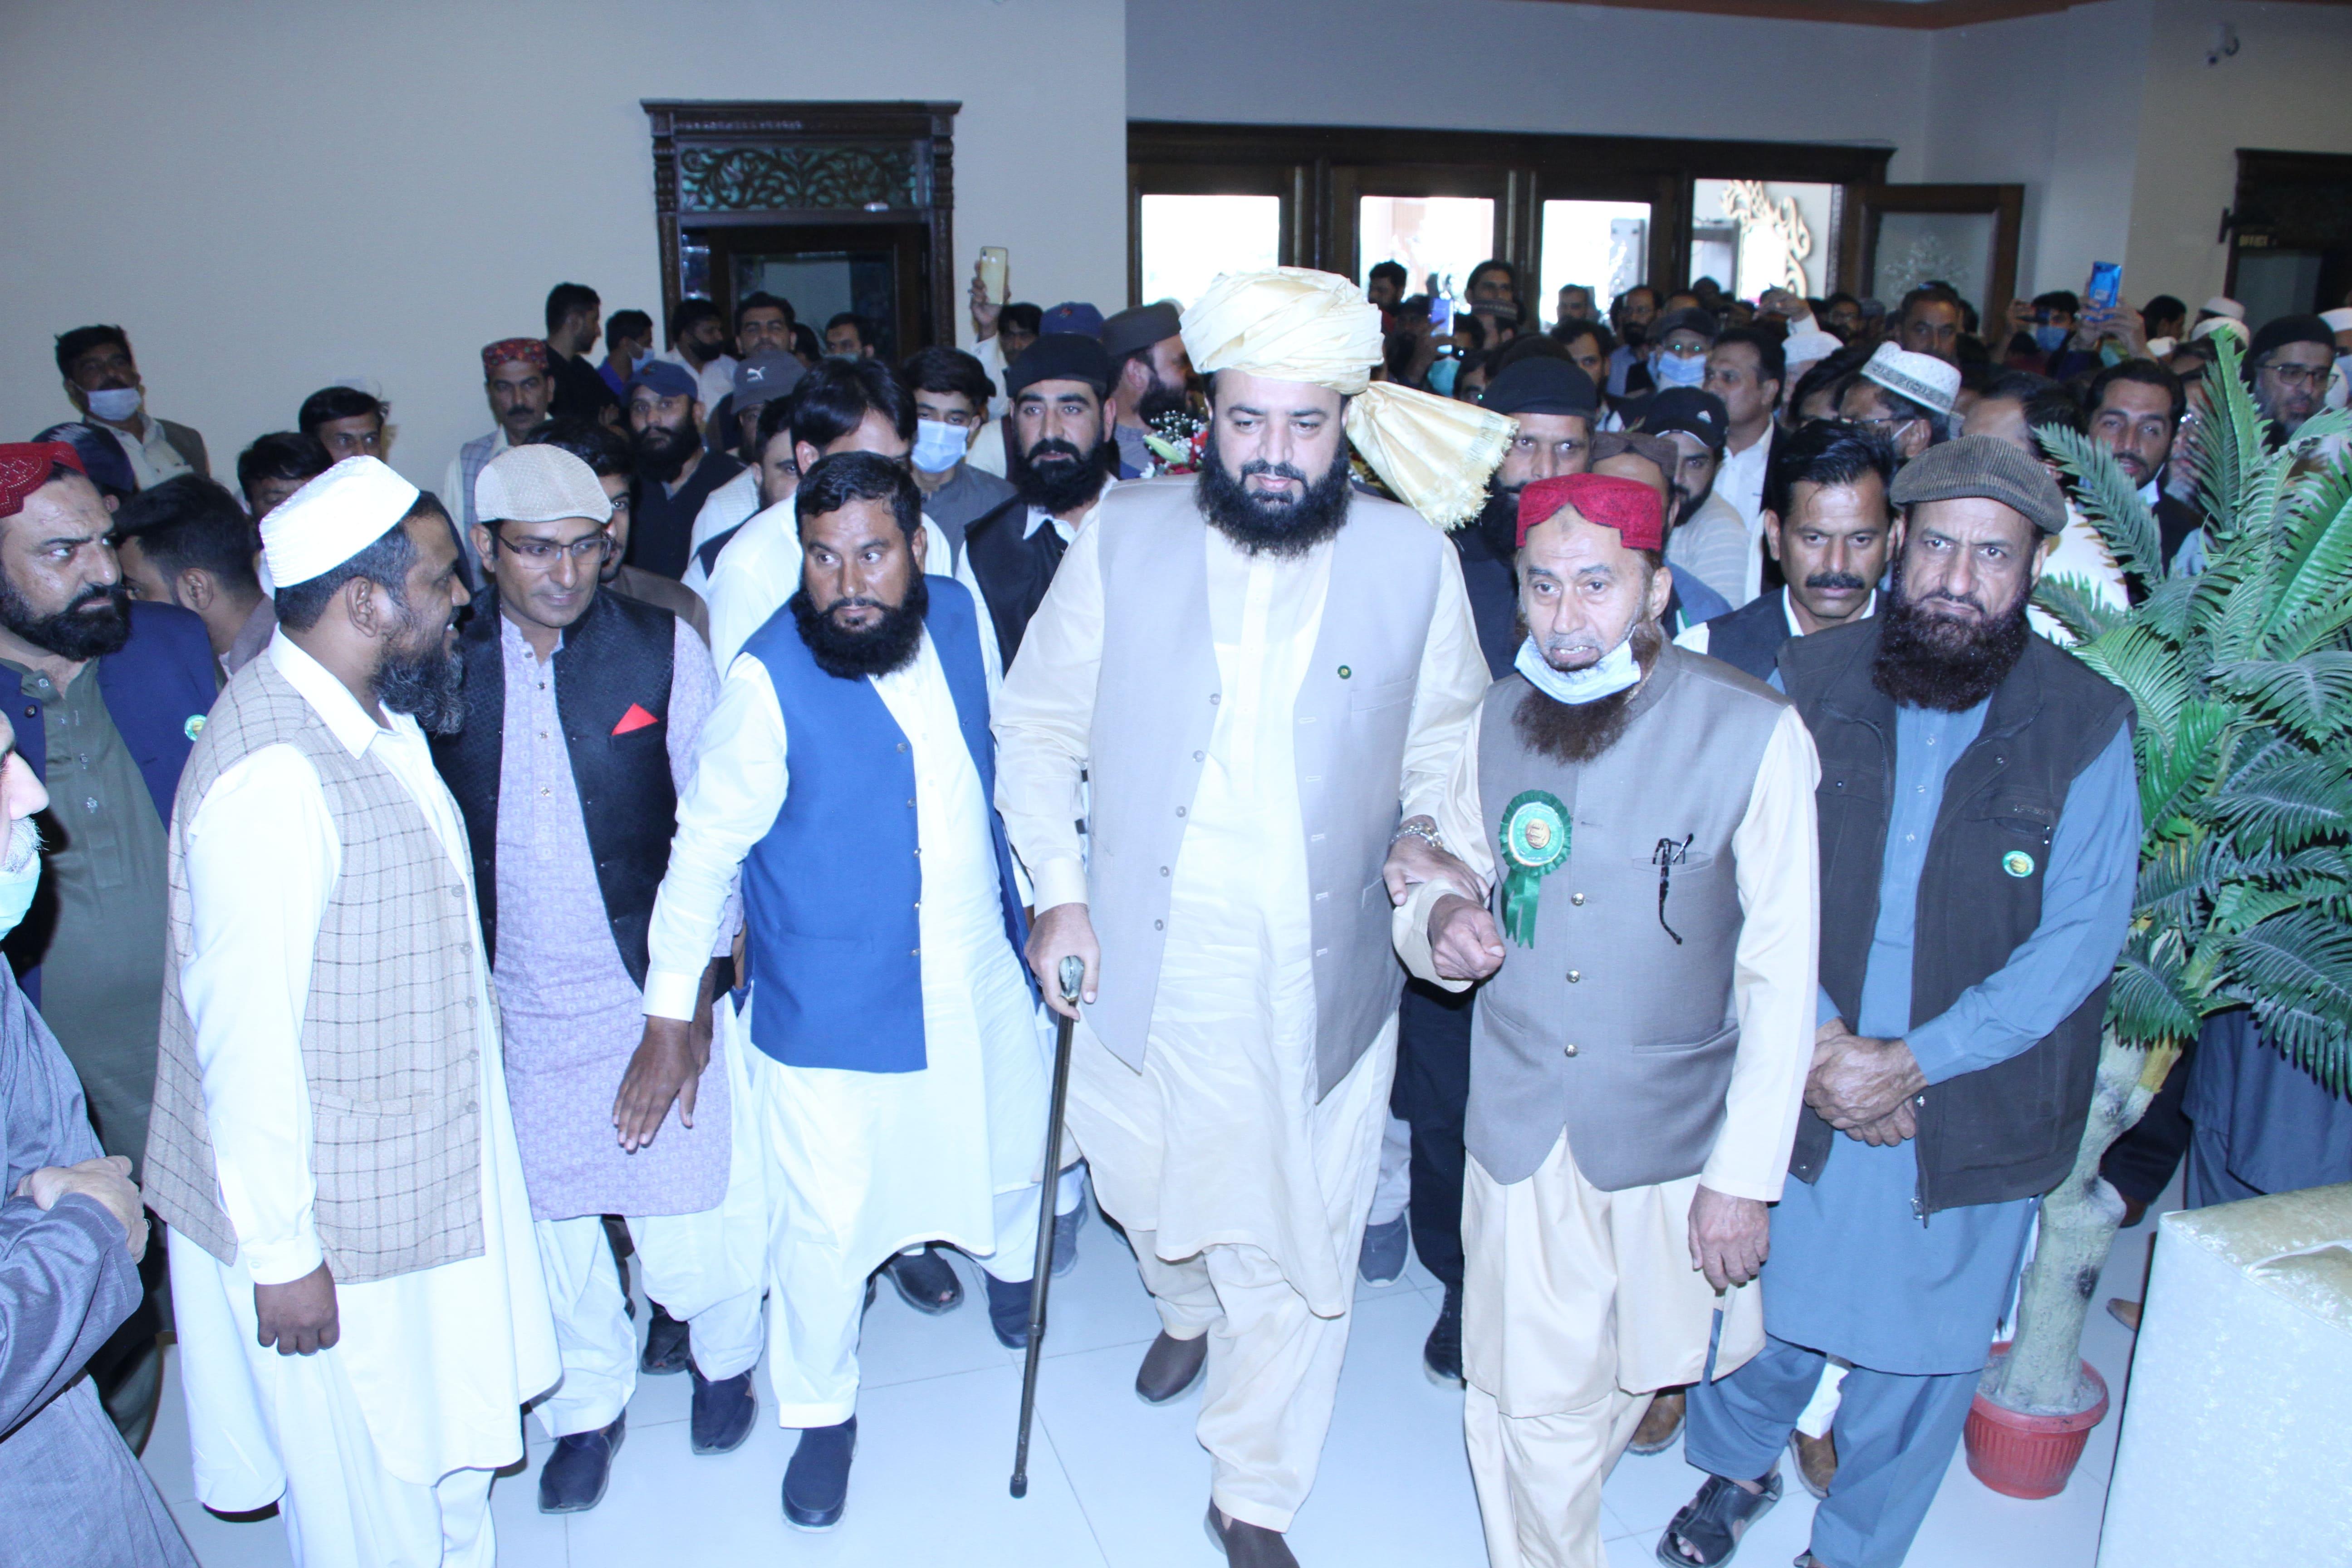 Besat Rehmat-e-Alam SAW Seminars, Islam Abad - 2